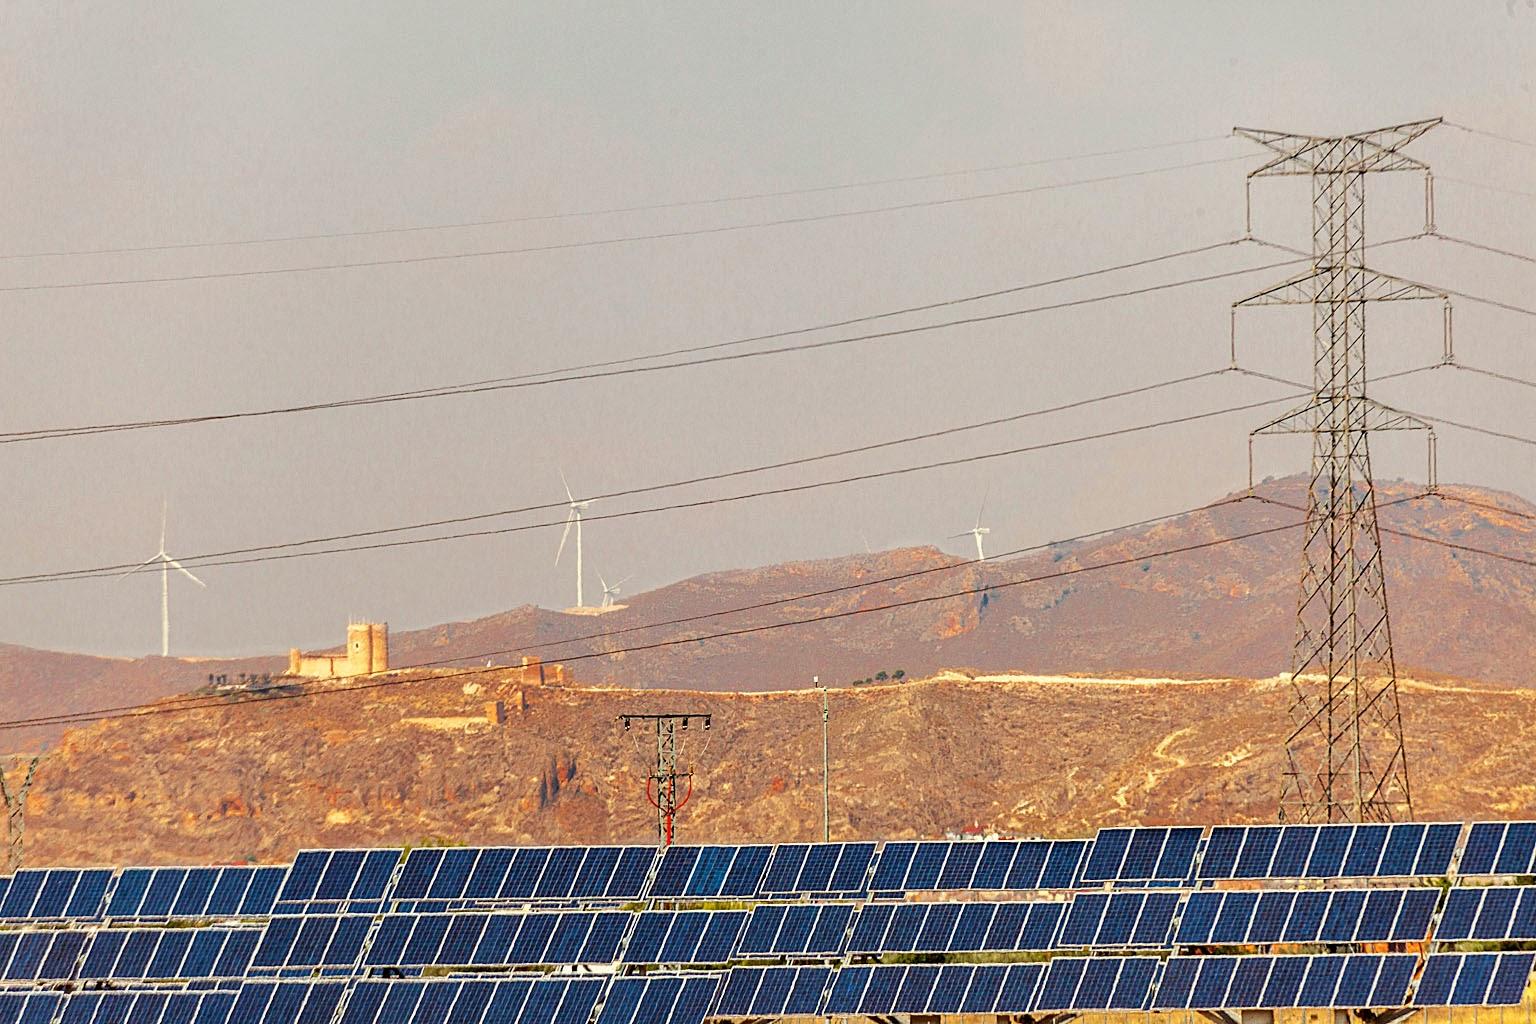 Placas solares y aerogeneradores en Jumilla